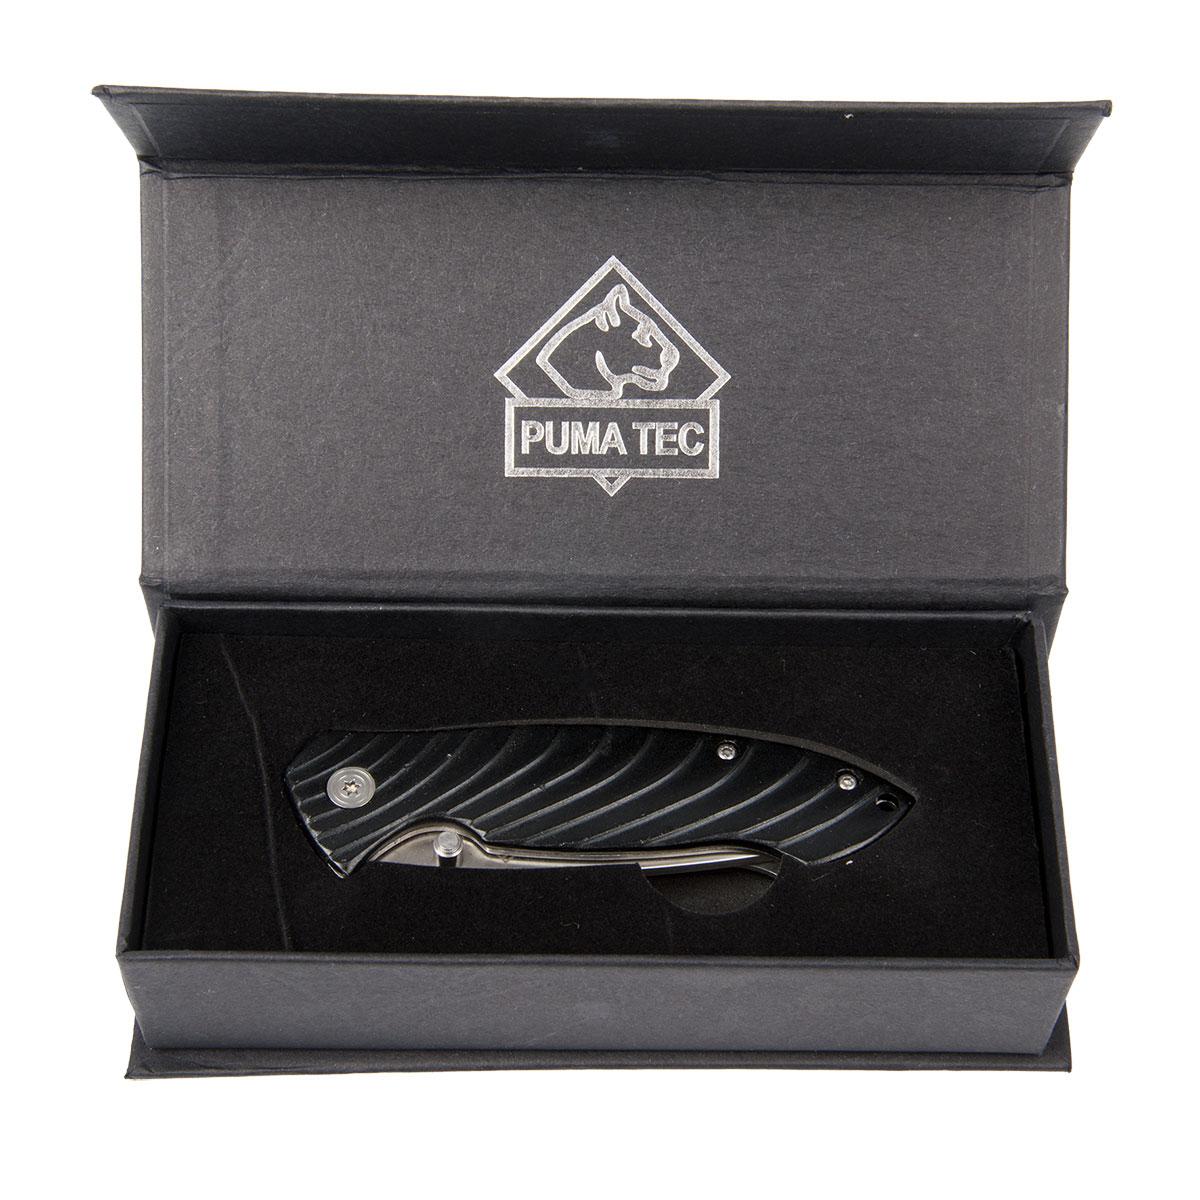 Puma Tec Einhandmesser Schwarz (336711) im Pareyshop